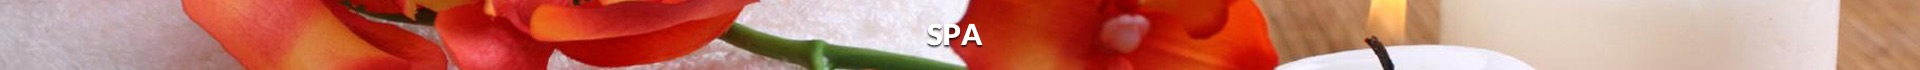 agriturismo sicilia centro benessere